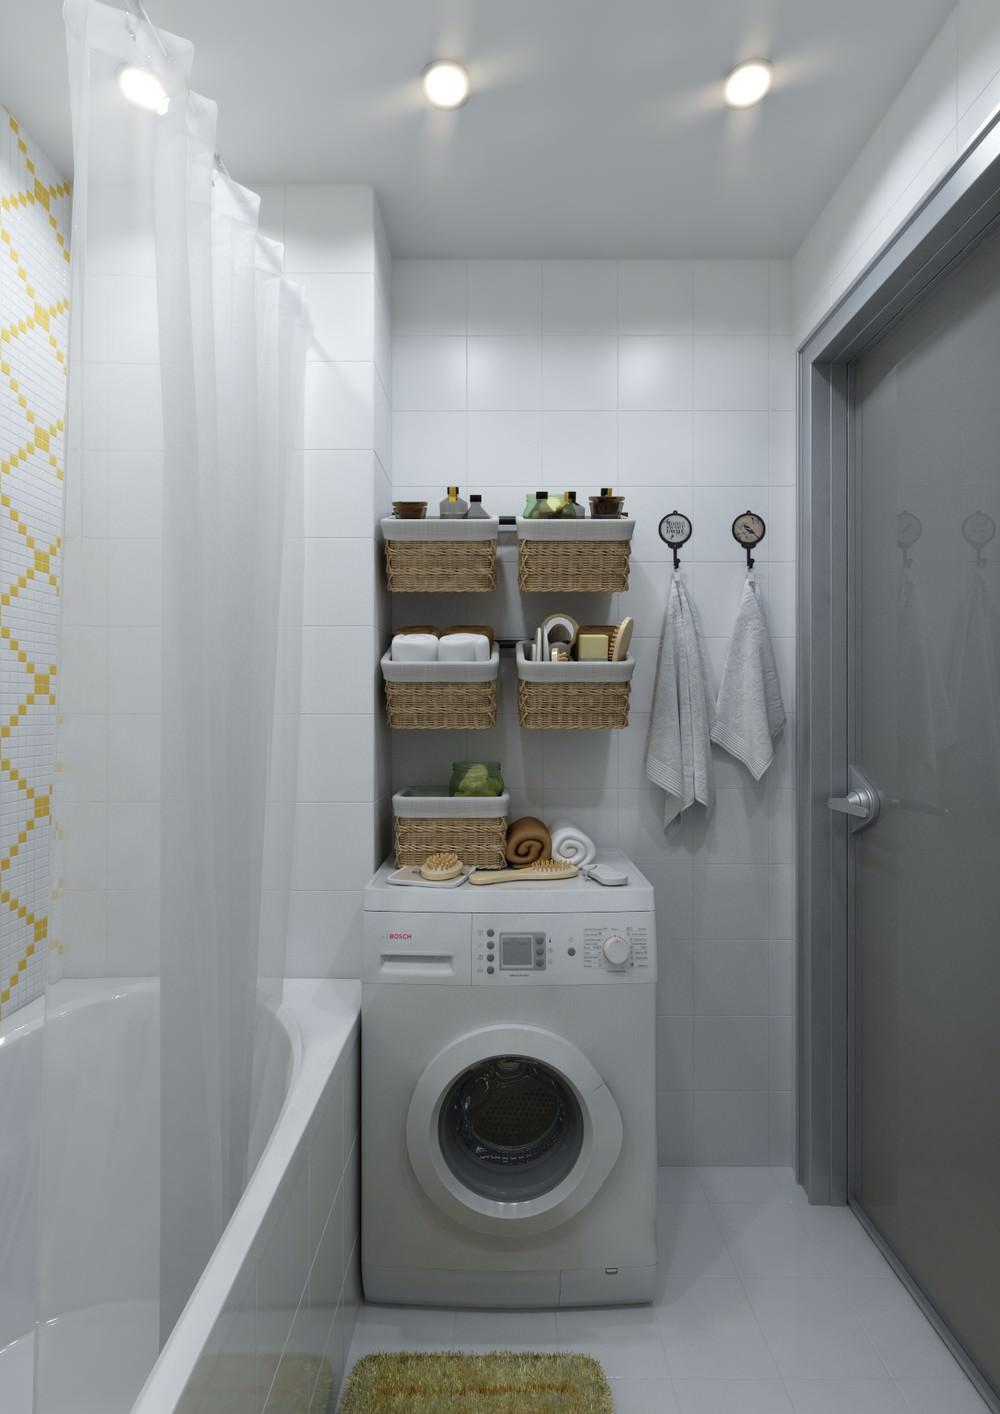 svej-i-praktichen-dizain-za-malak-studentski-apartament-912g